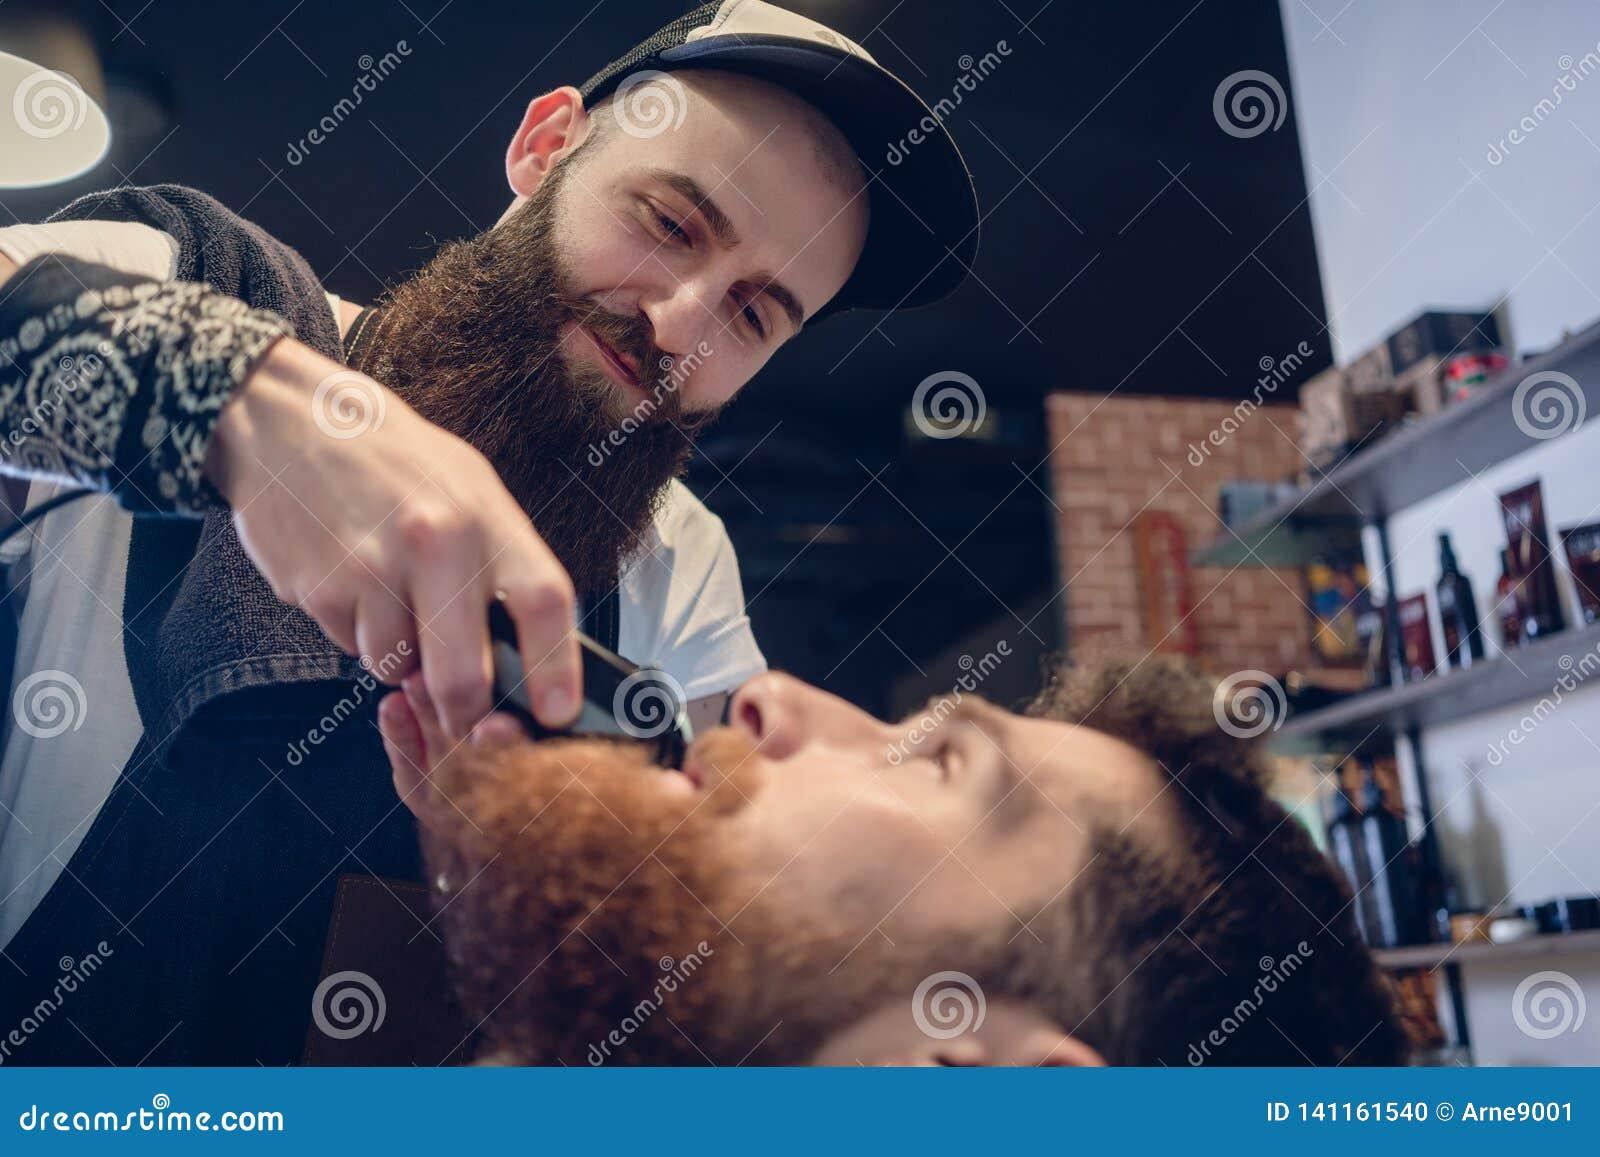 Cabeça de um homem e da mão de um barbeiro que apara sua barba